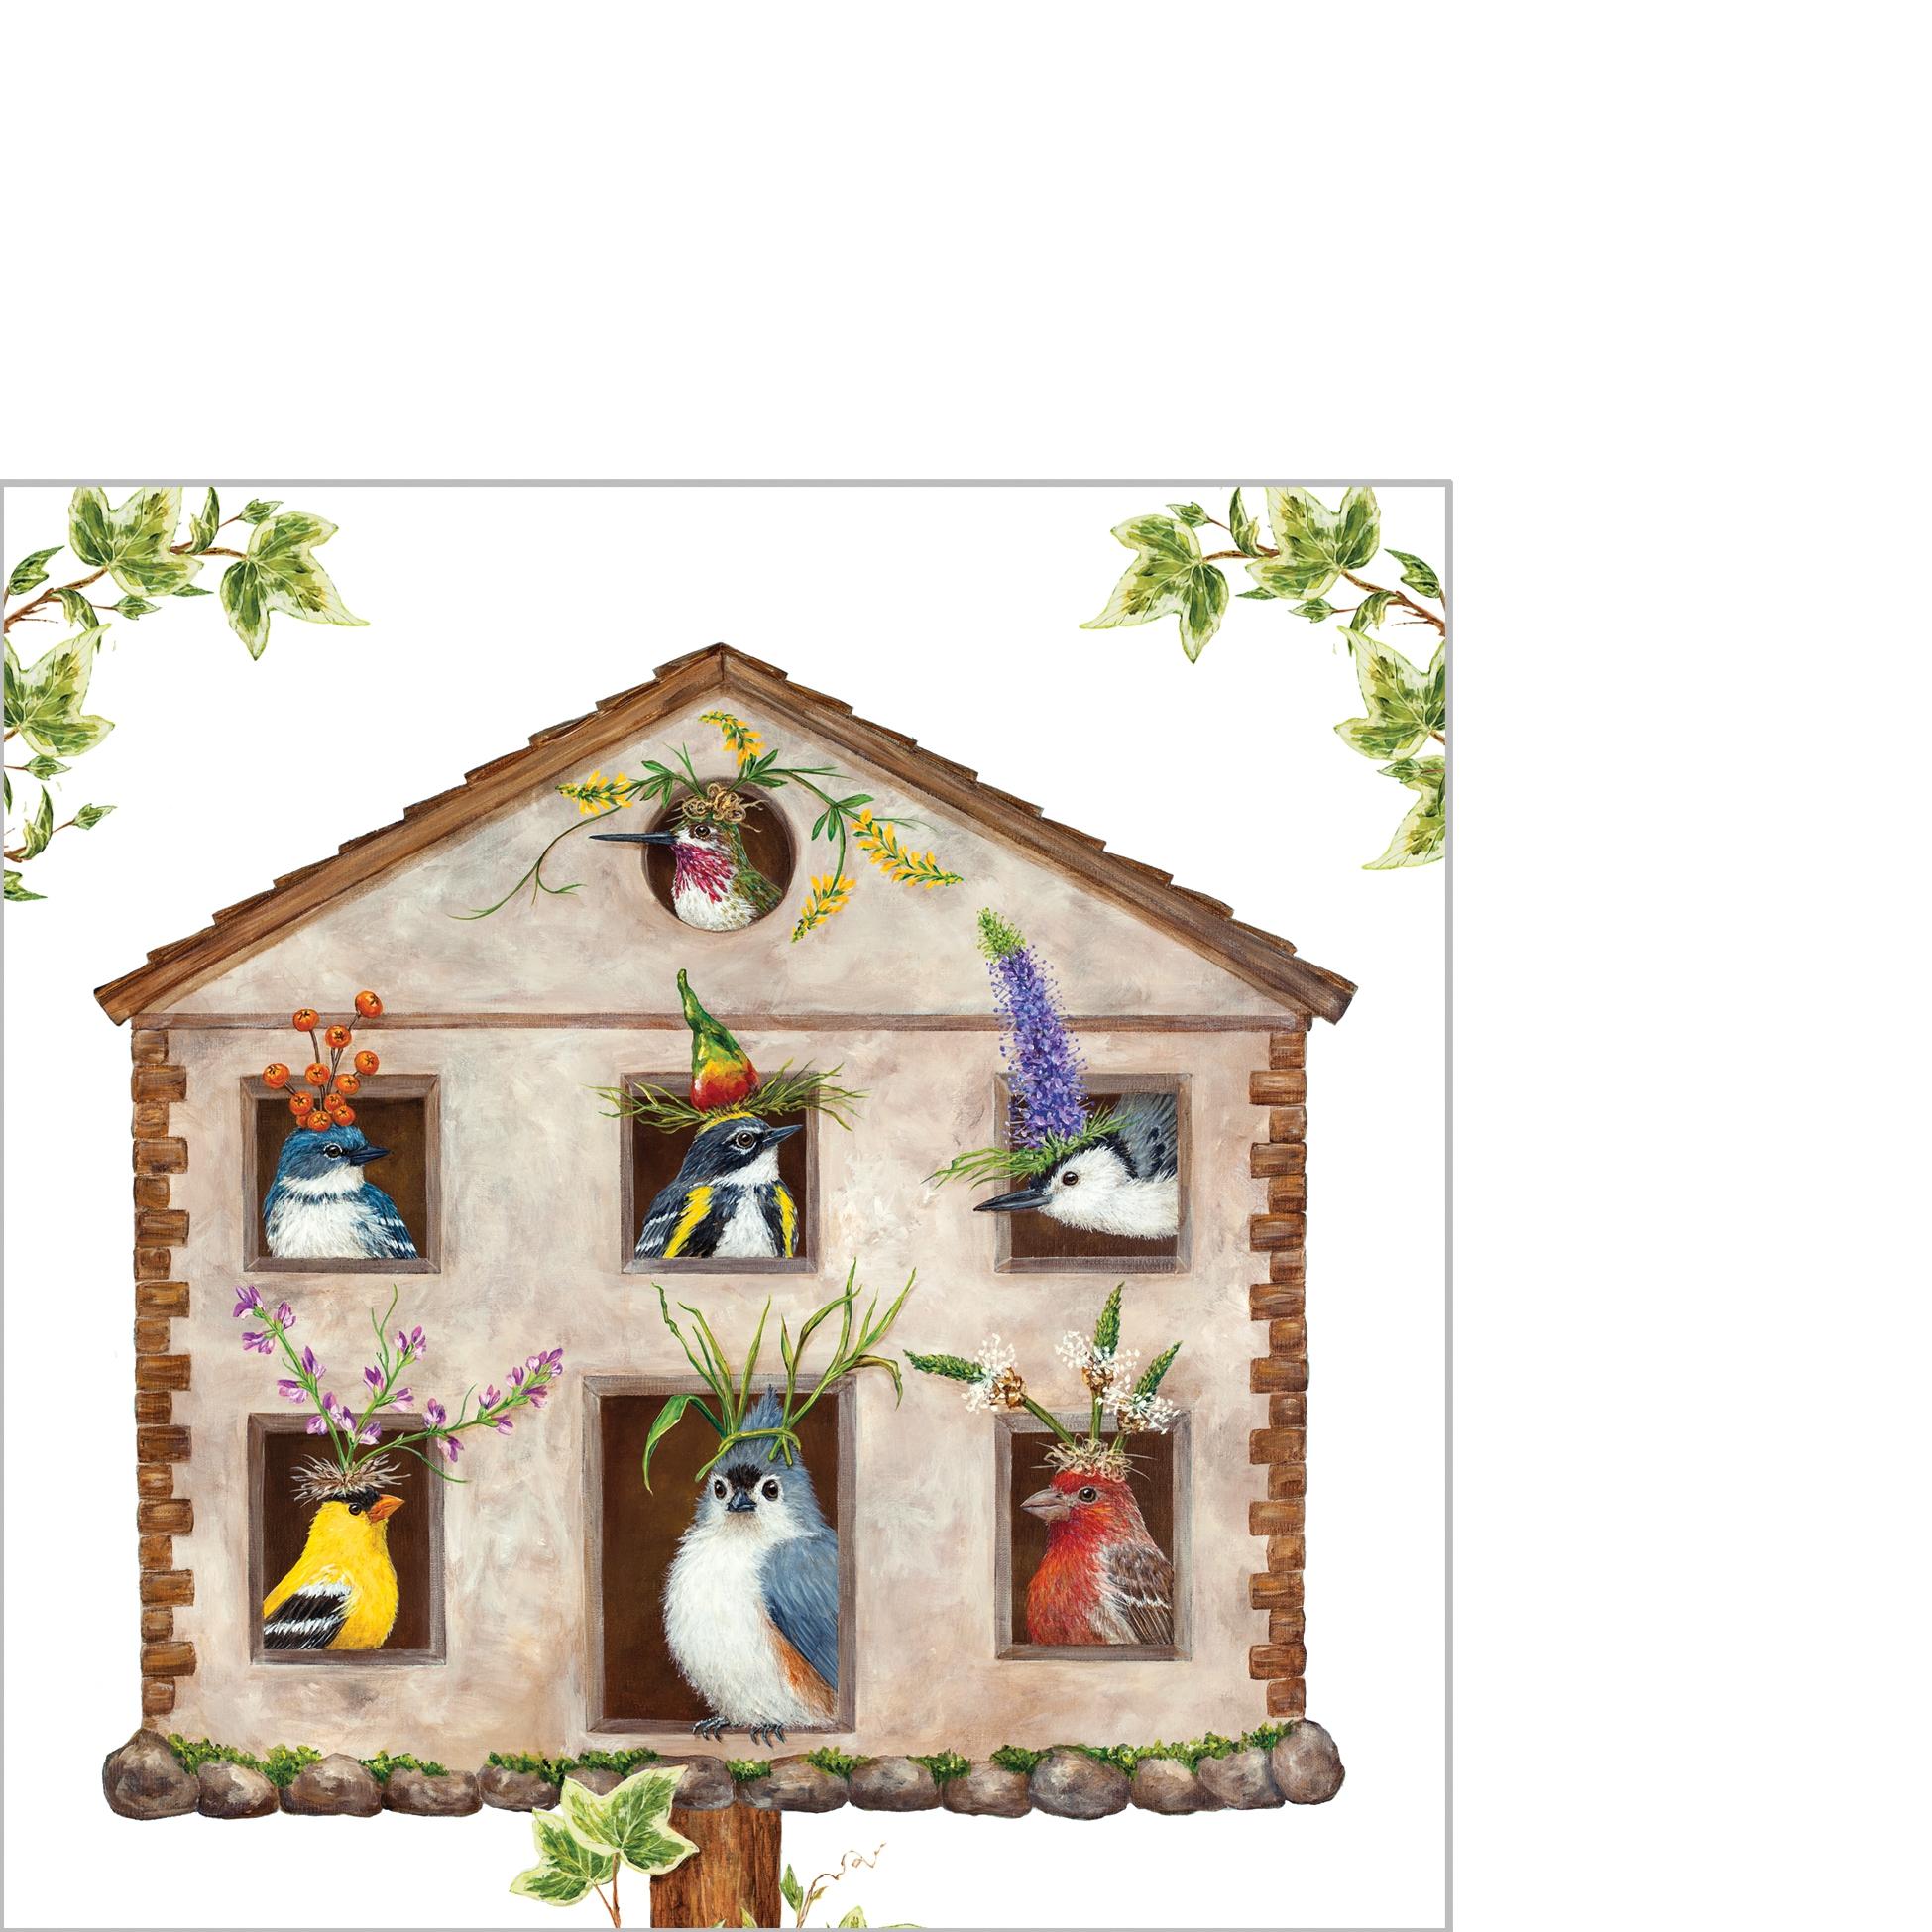 Napkins 25x25 cm - House Party Napkin 25x25